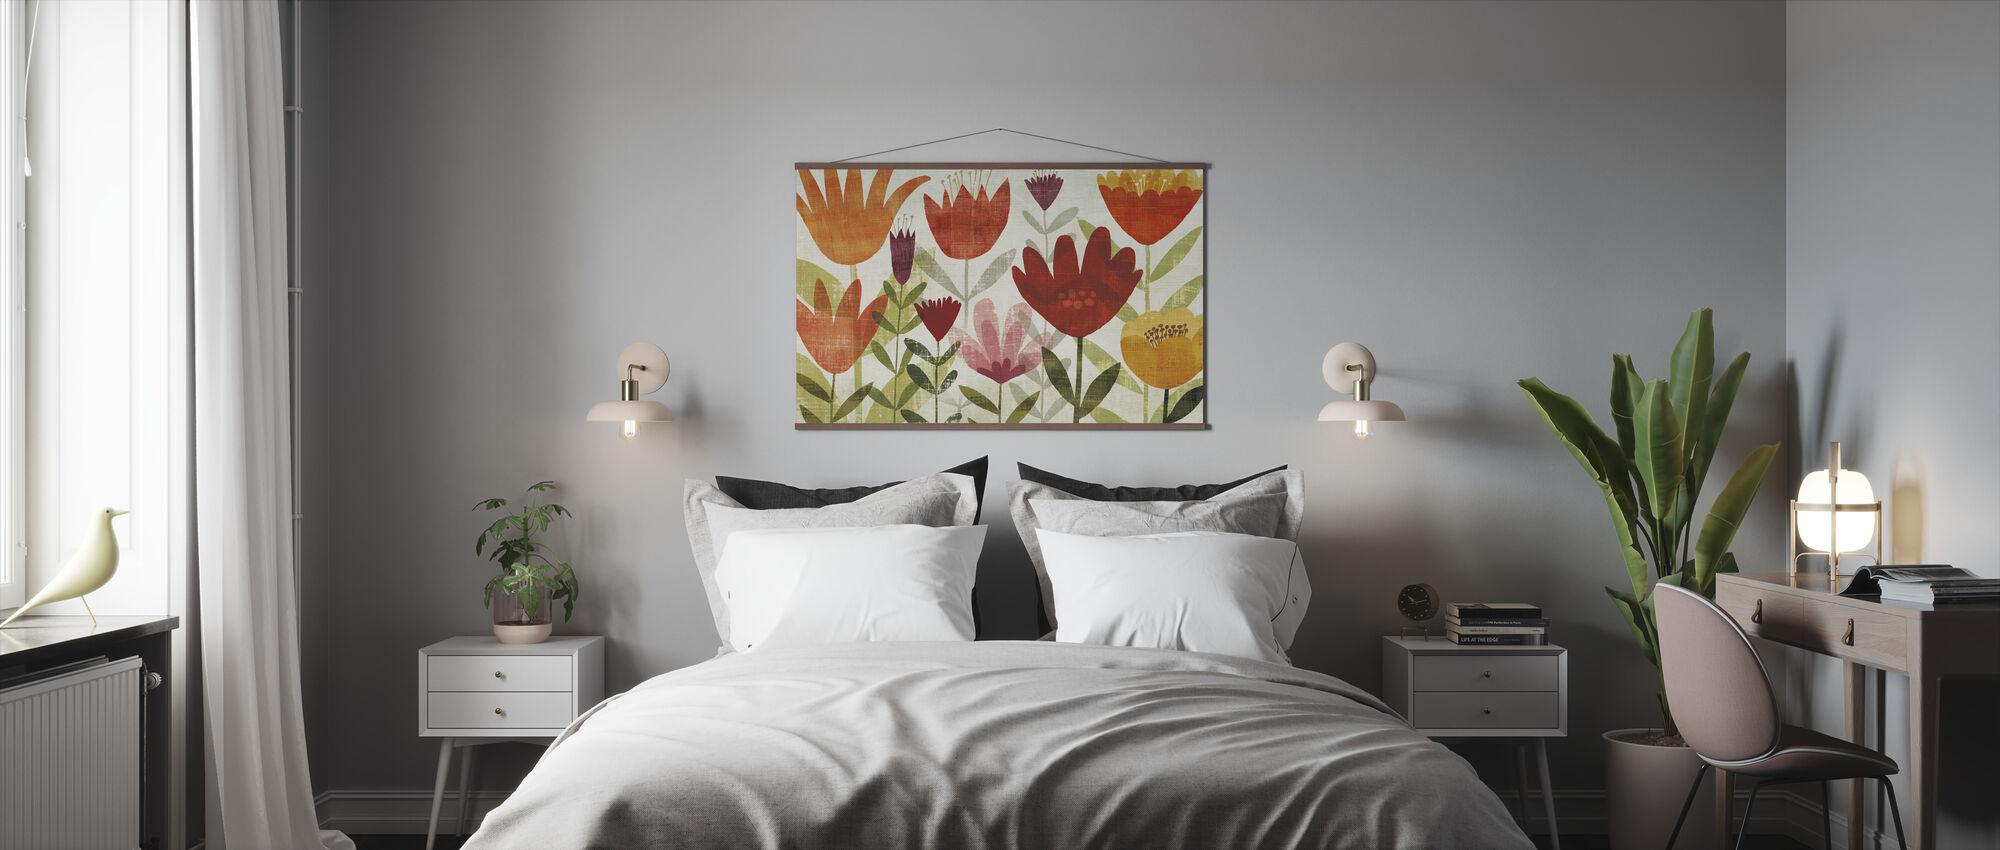 Moderne tuin - Poster - Slaapkamer